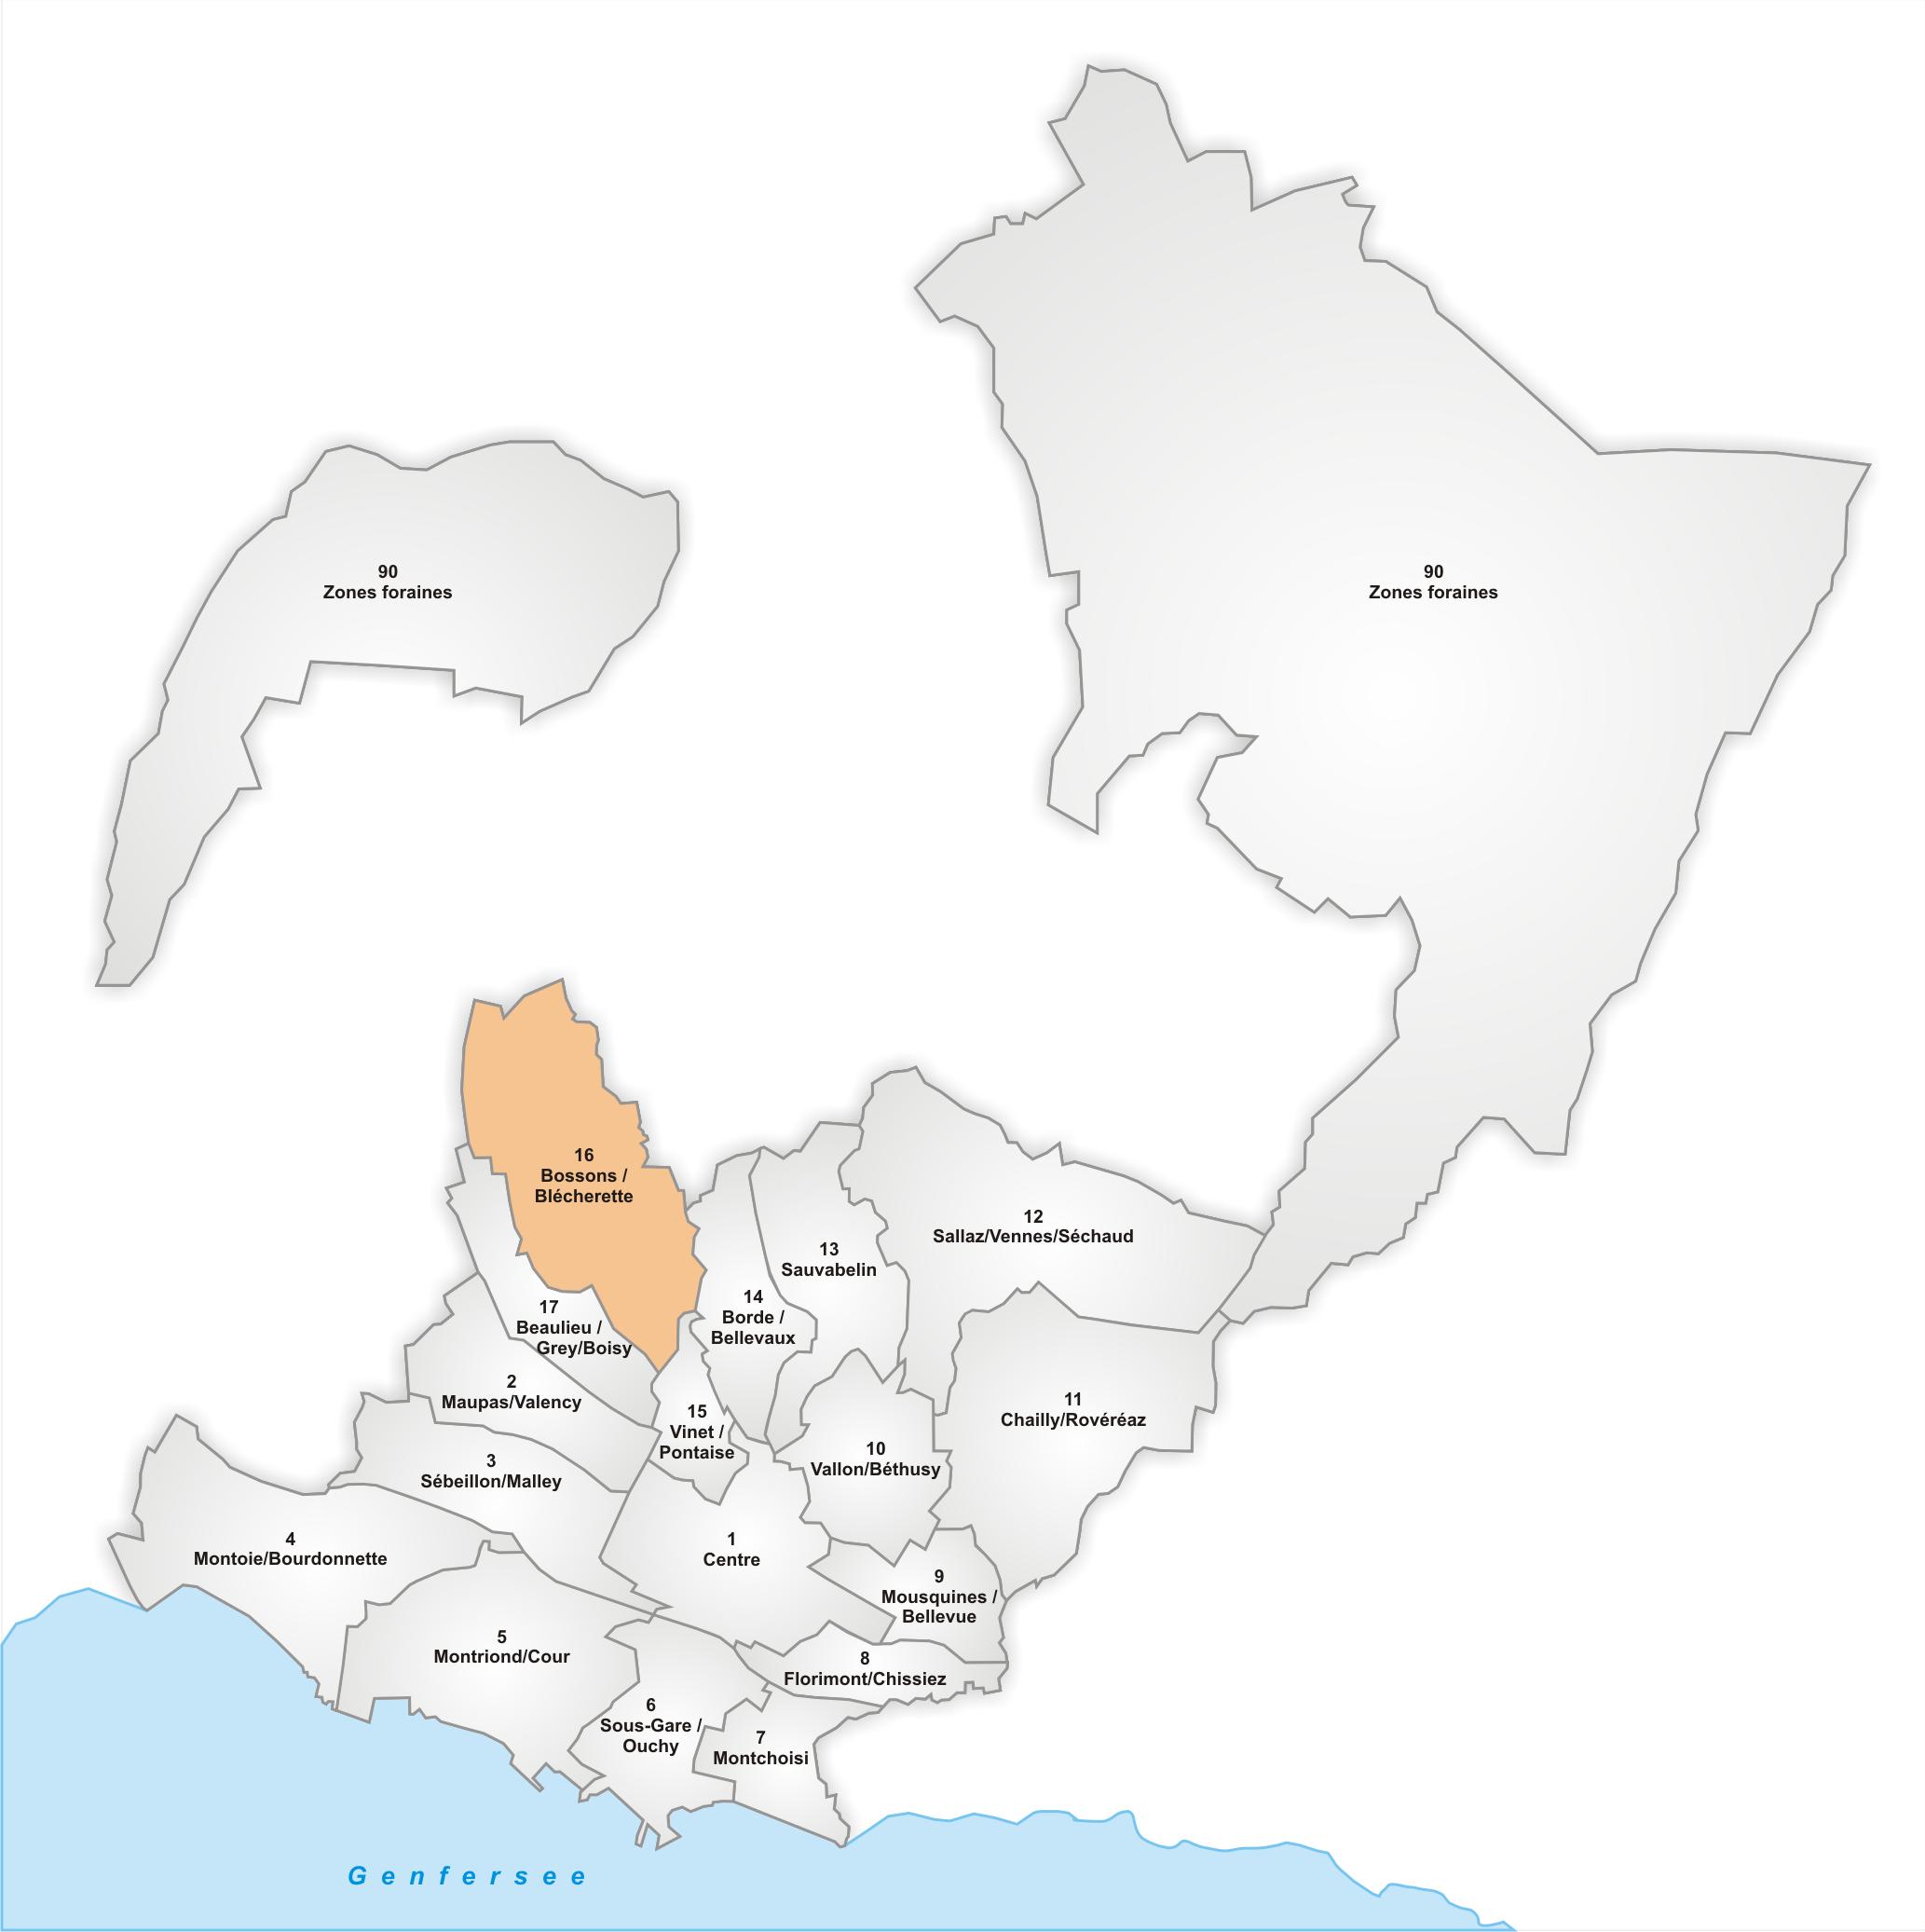 Lage des Stadtteils Bossons/Blécherette